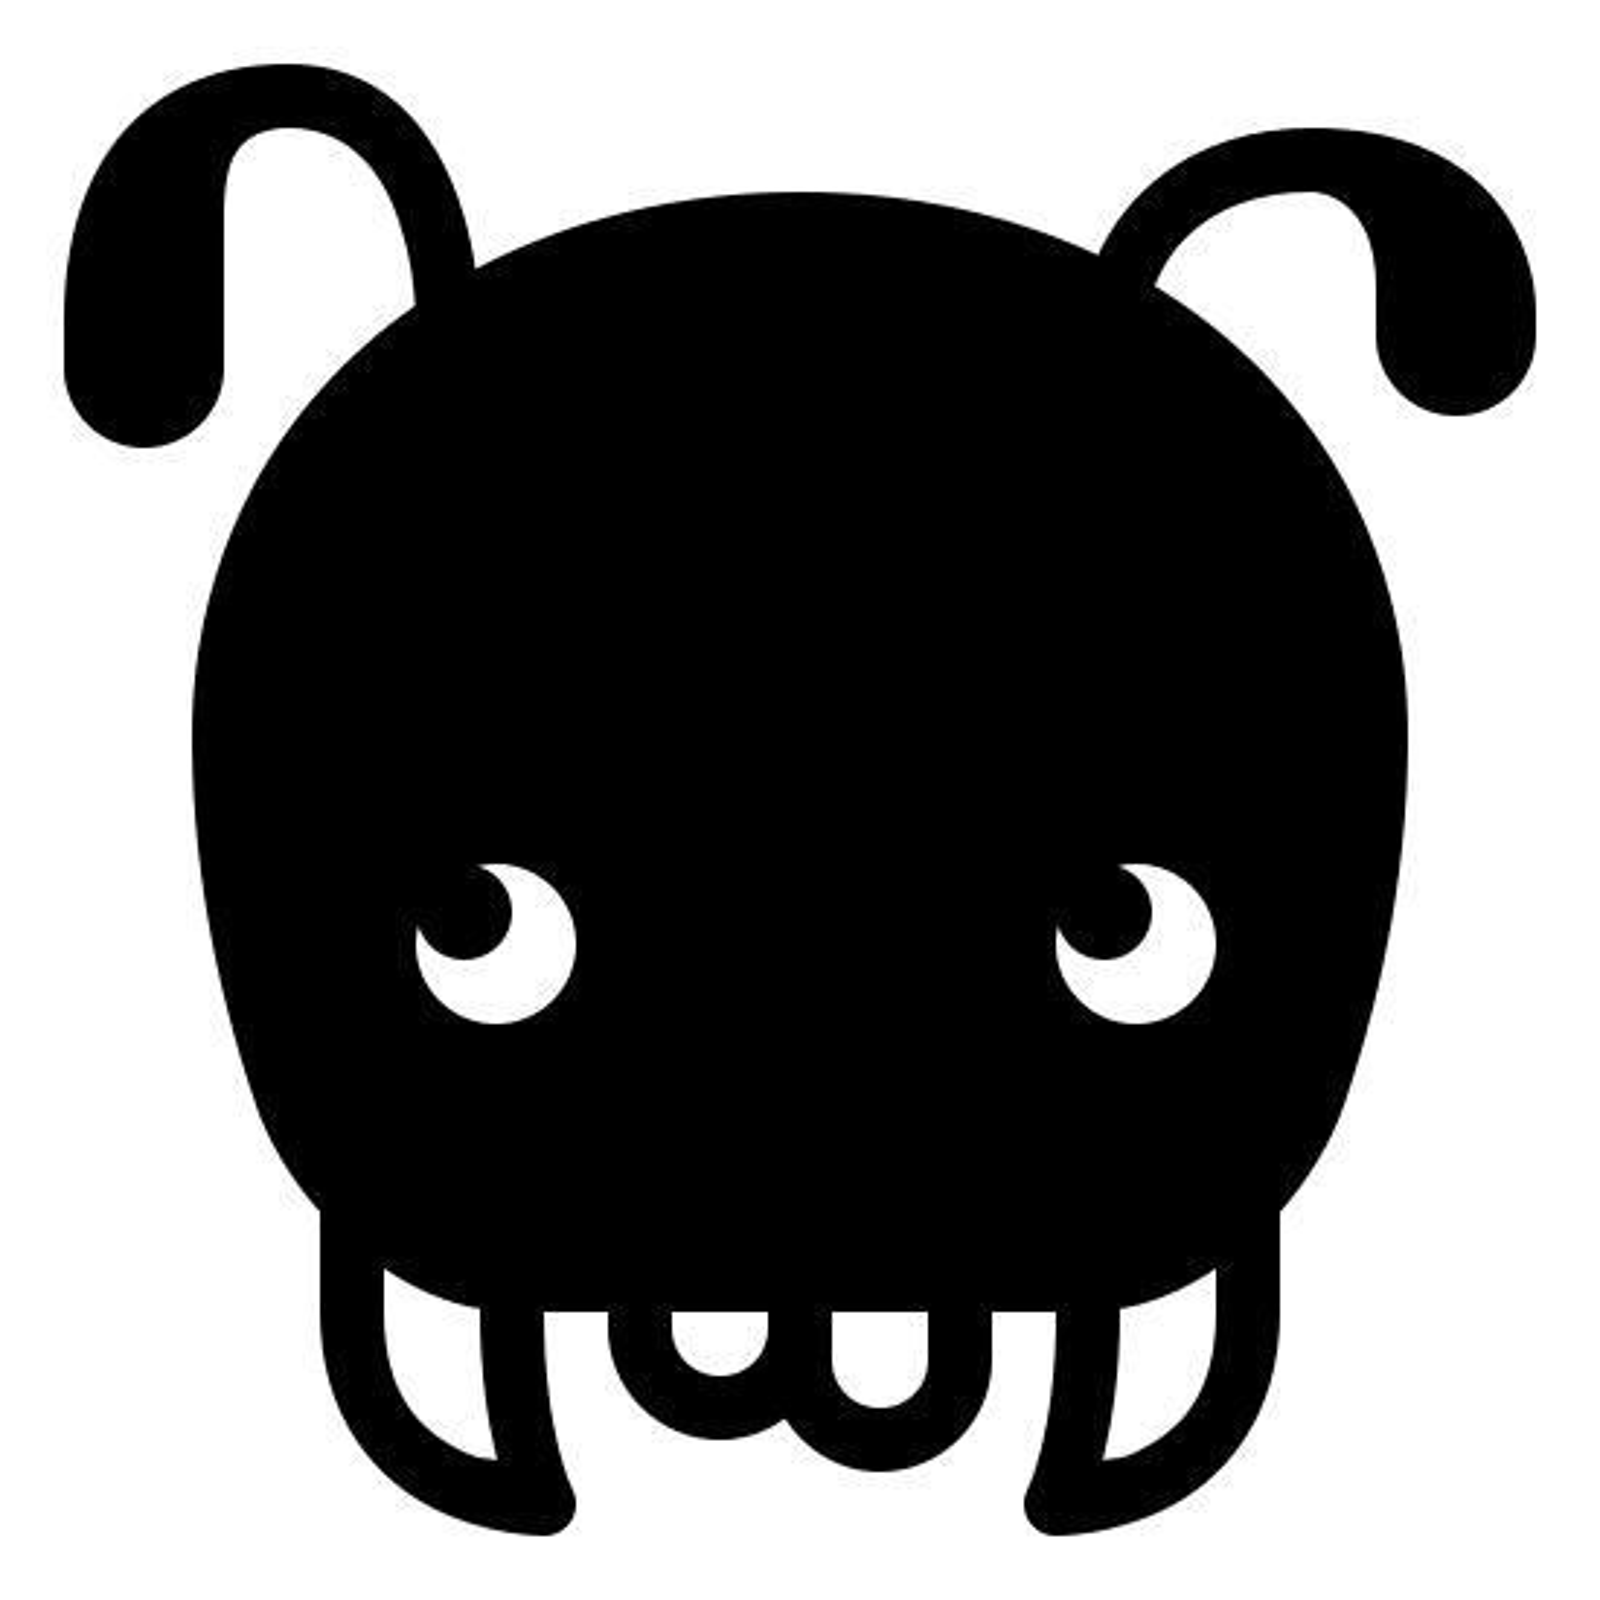 Cute Termite Filled icon